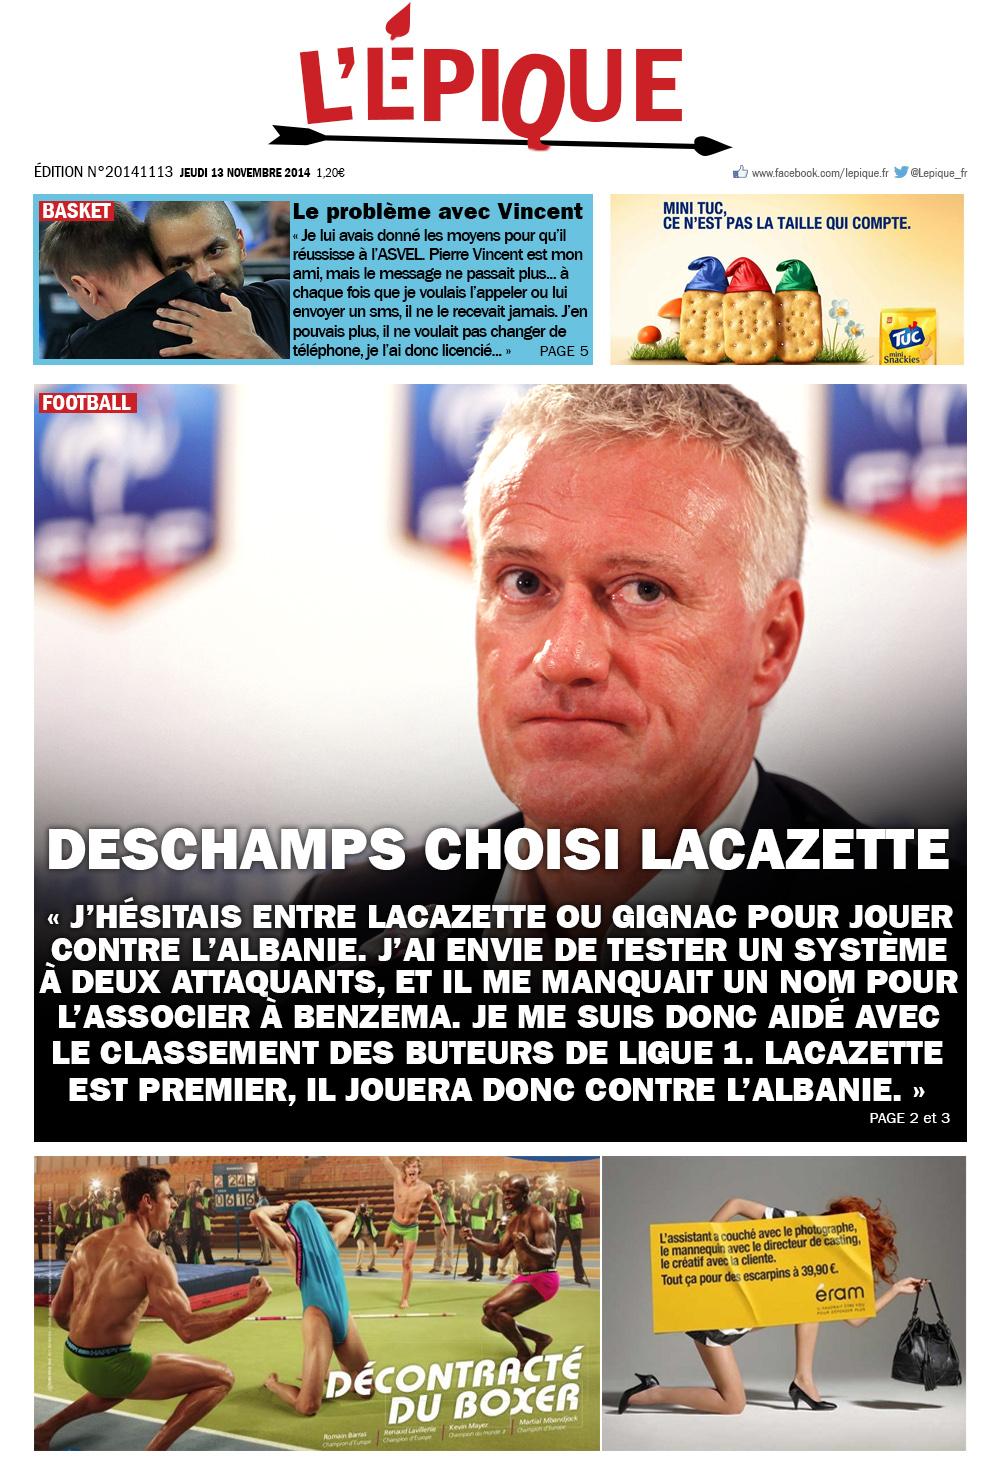 l'epique magazine du 13 novembre 2014